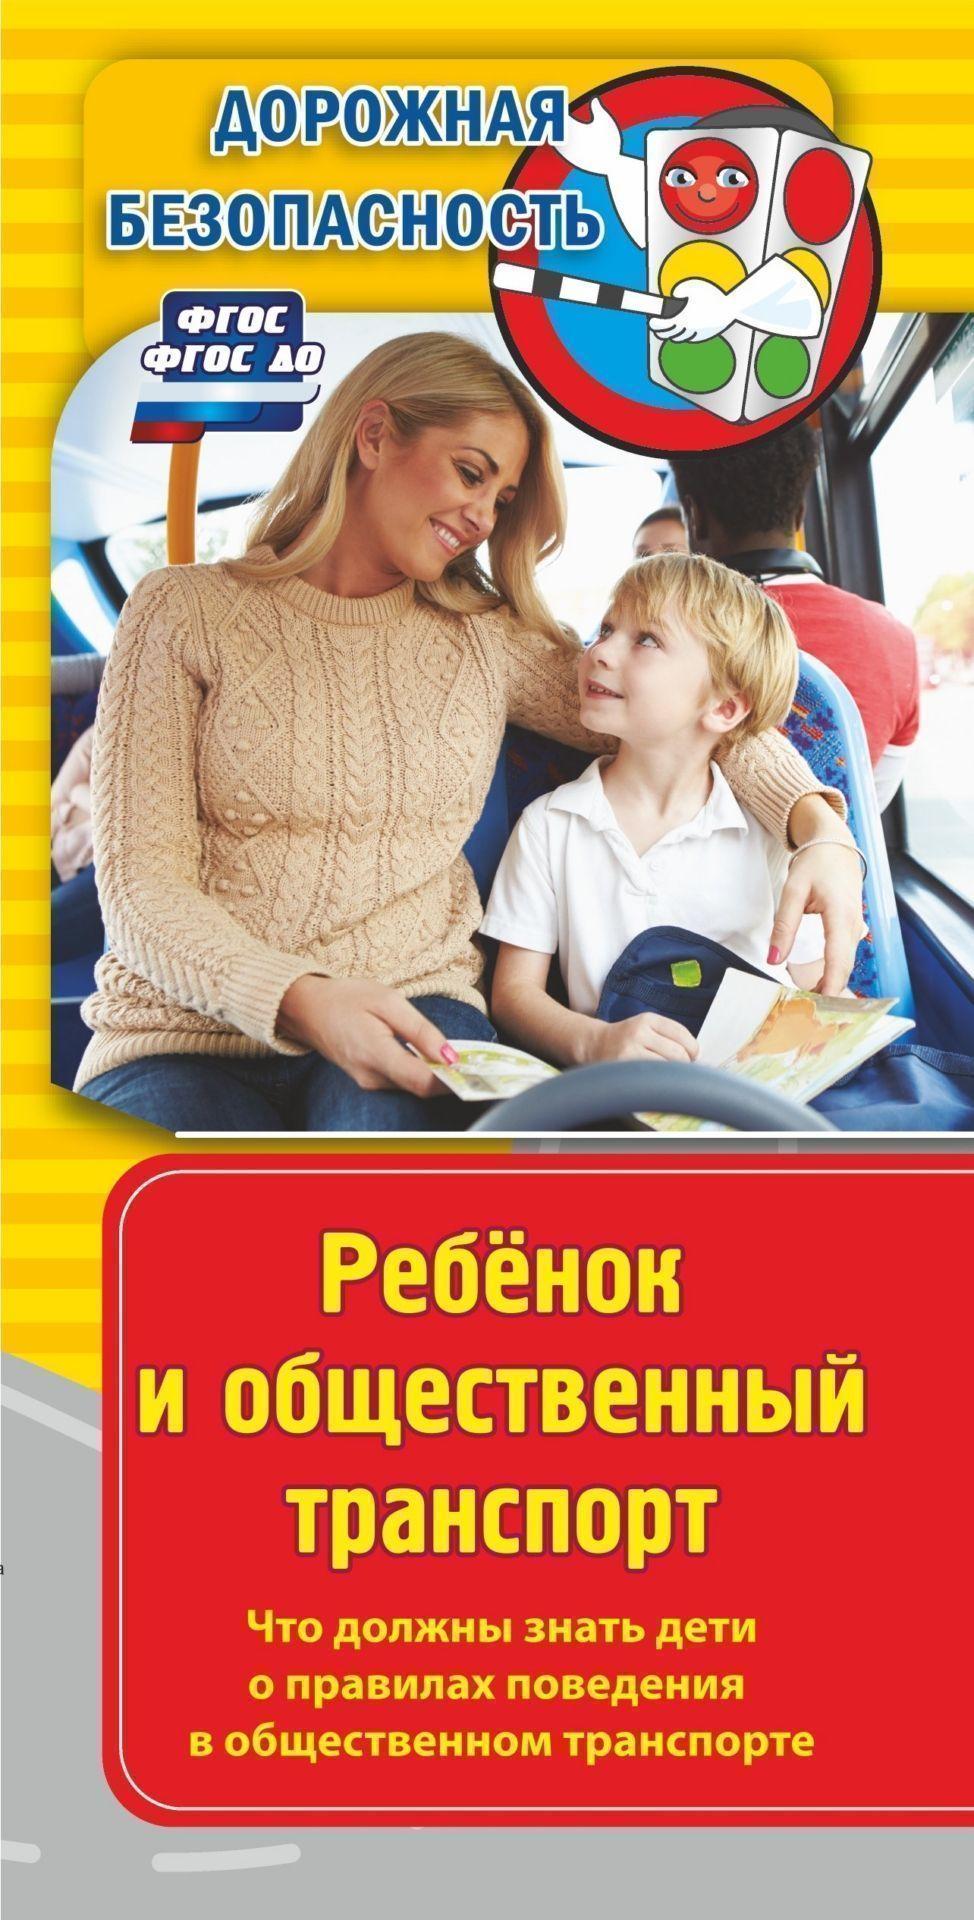 Памятка Дорожная безопасность. Ребенок и общественный транспорт. Что должны знать дети о правилах поведения в общественном транпспорте: Бумага офсетная 80 г.Начальная школа<br>.<br><br>Год: 2017